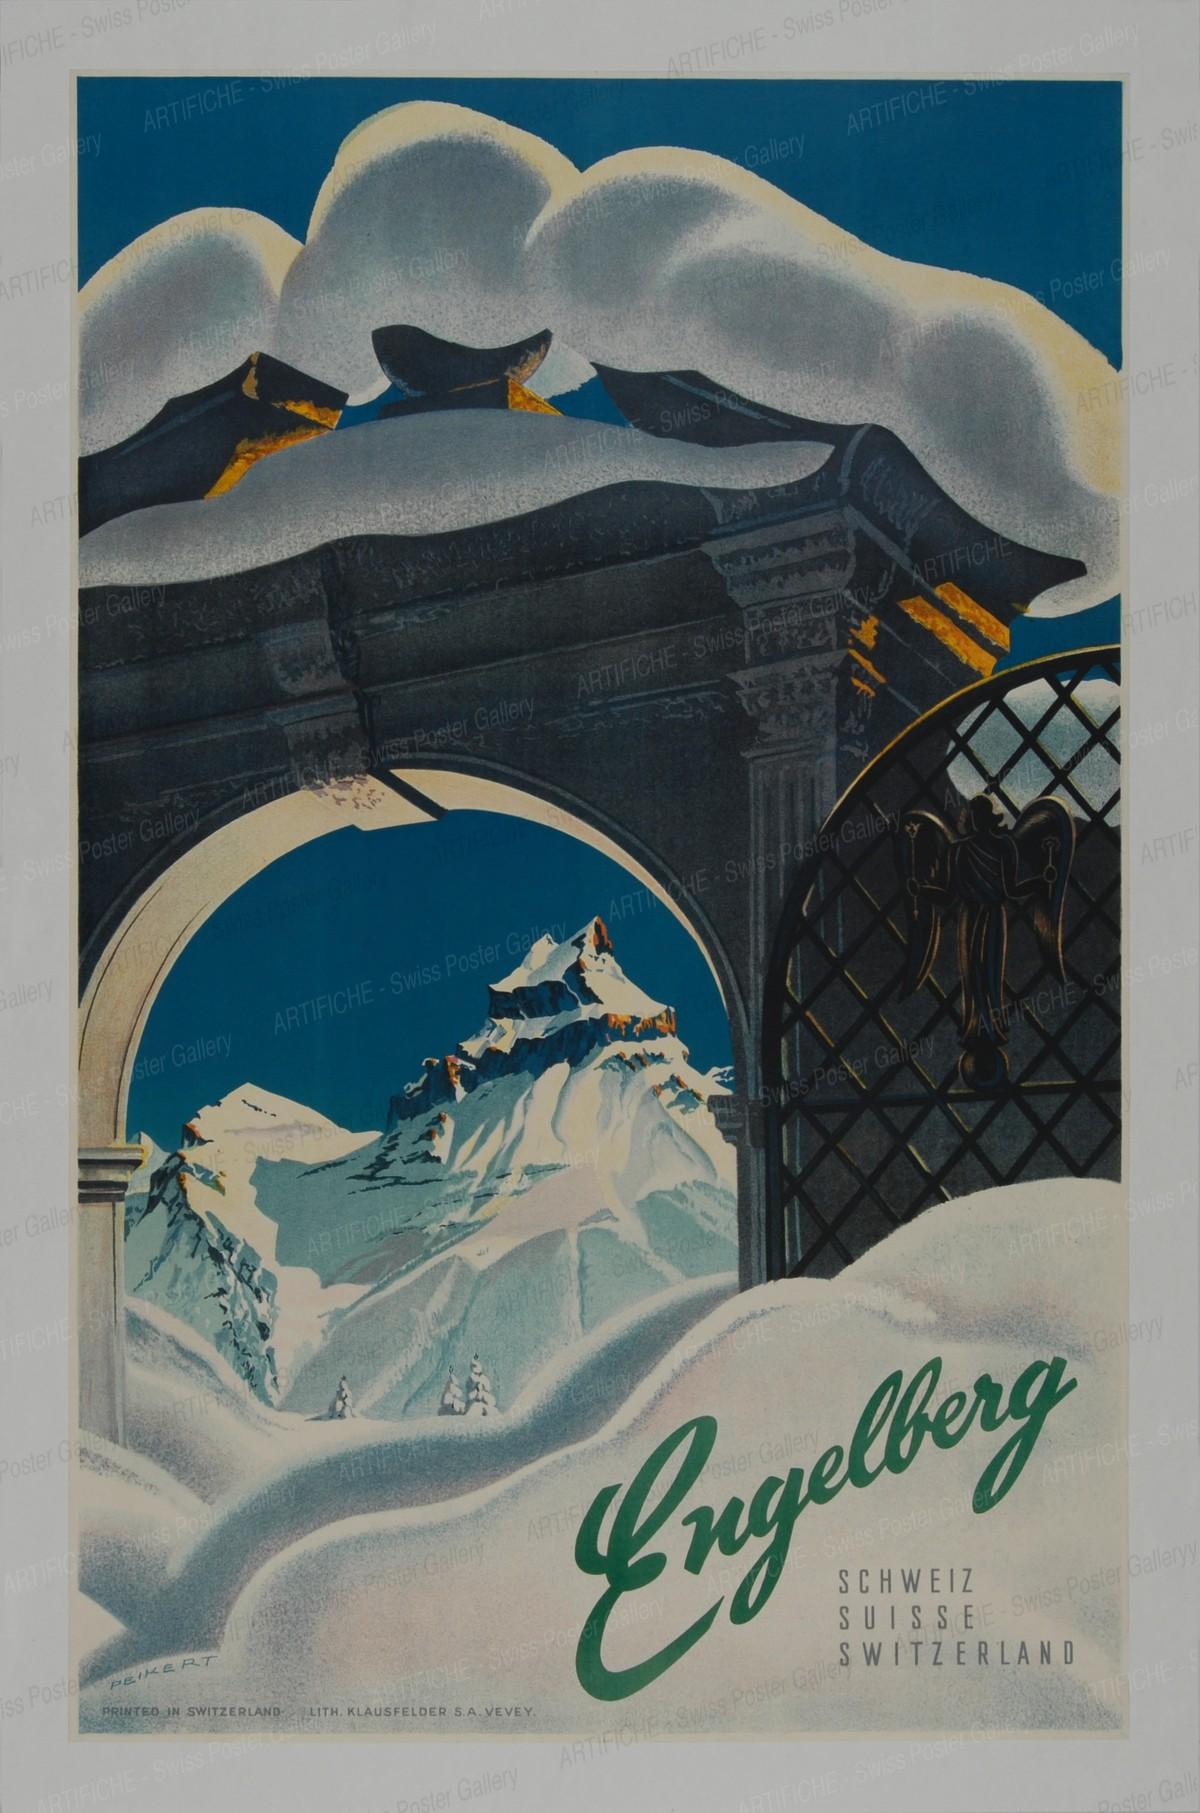 Engelberg – Schweiz Suisse Switzerland, Martin Peikert